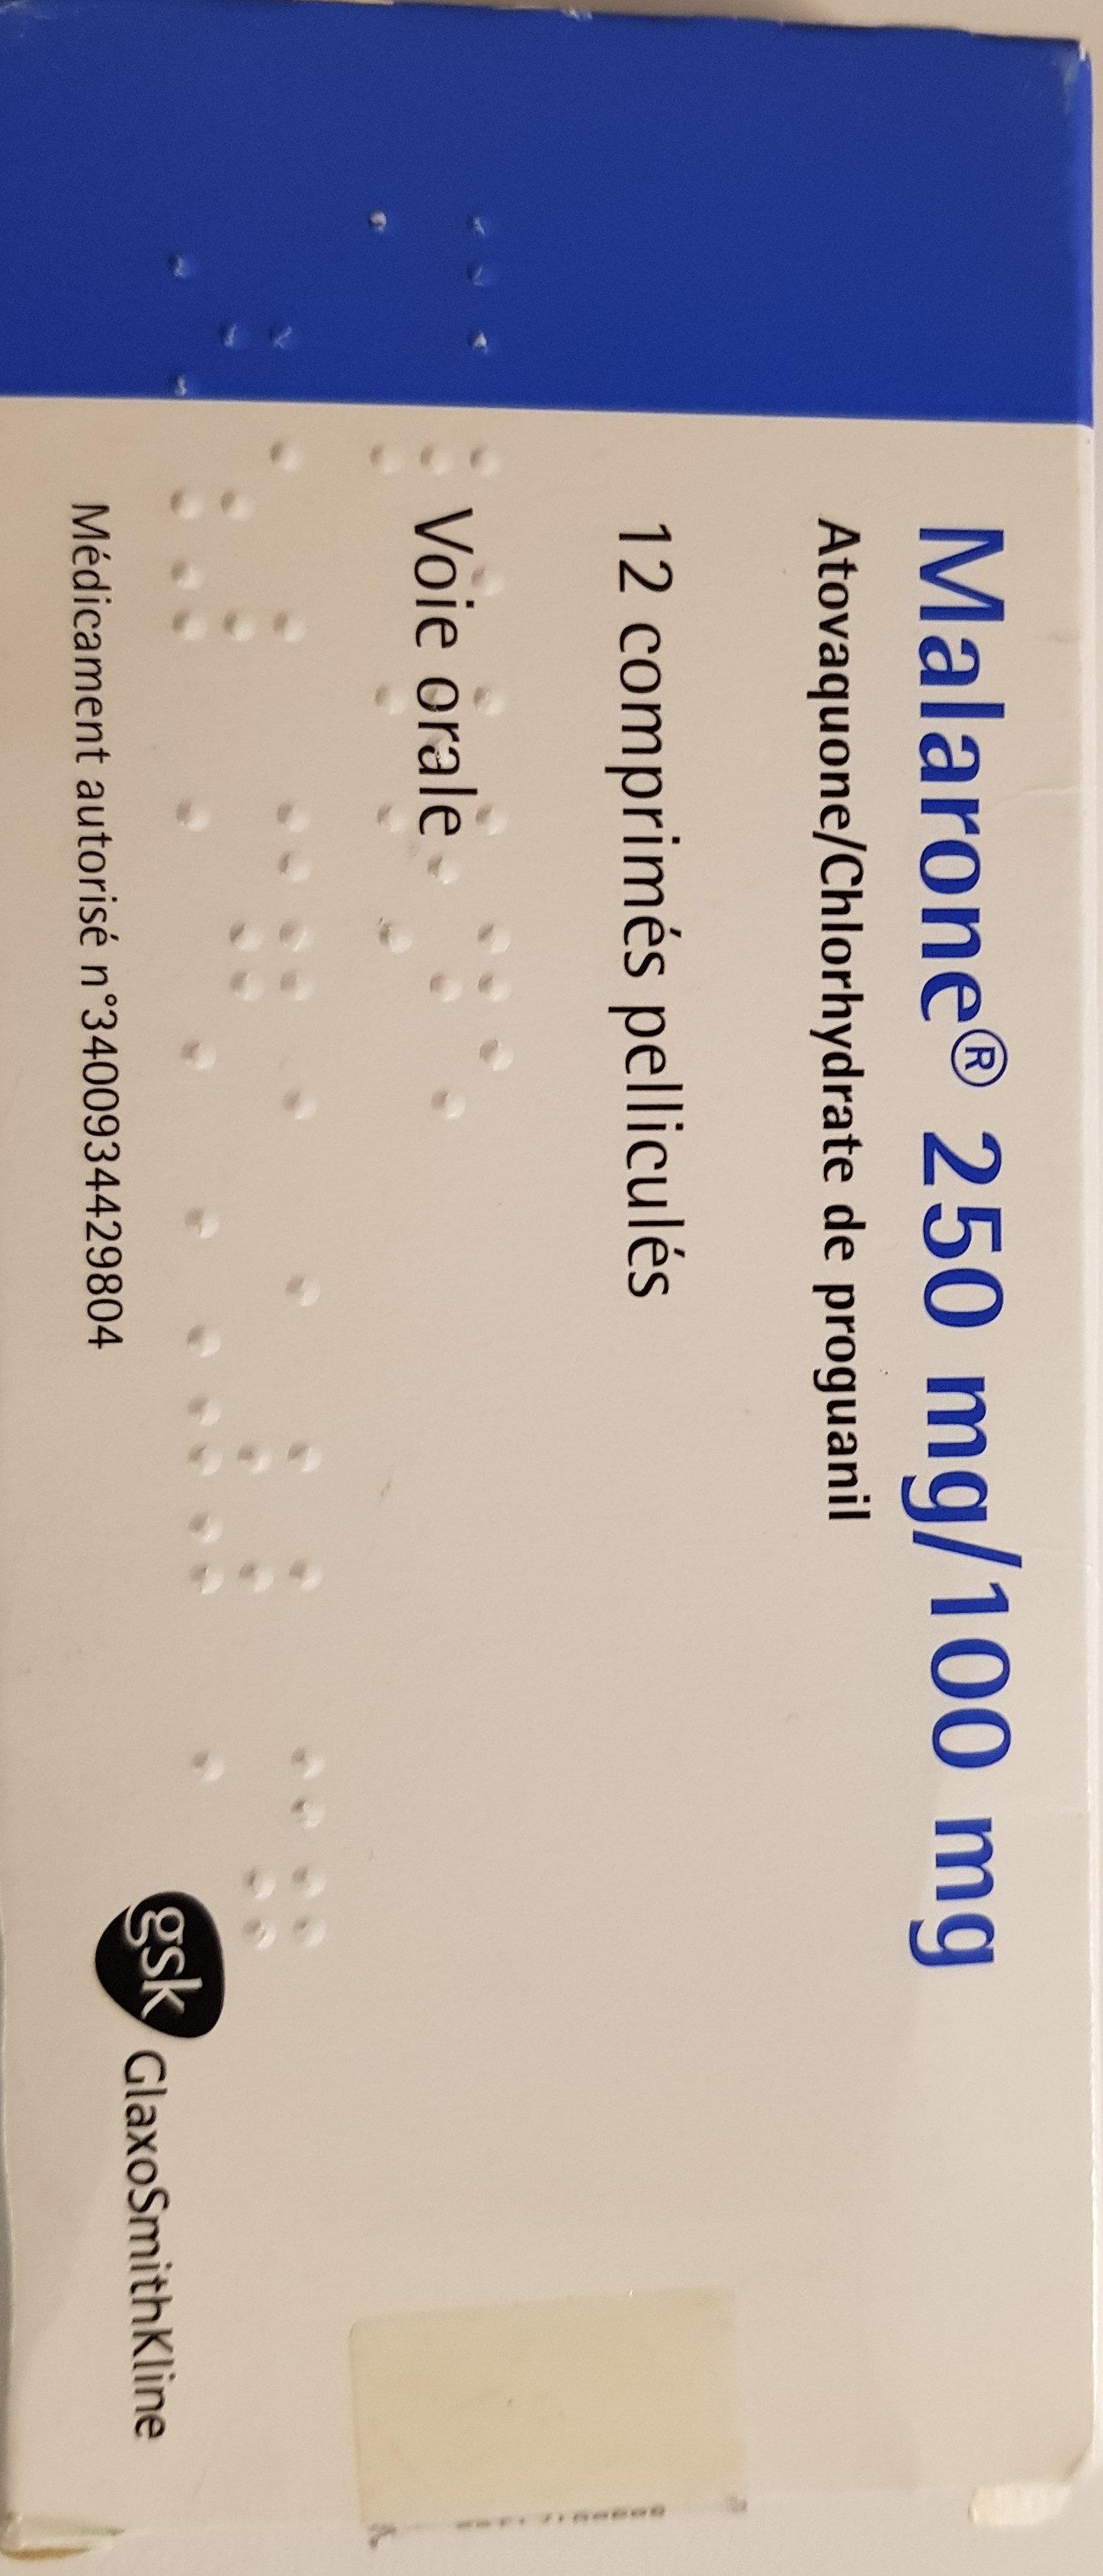 Malarone 250 mg/100mg - Produit - fr